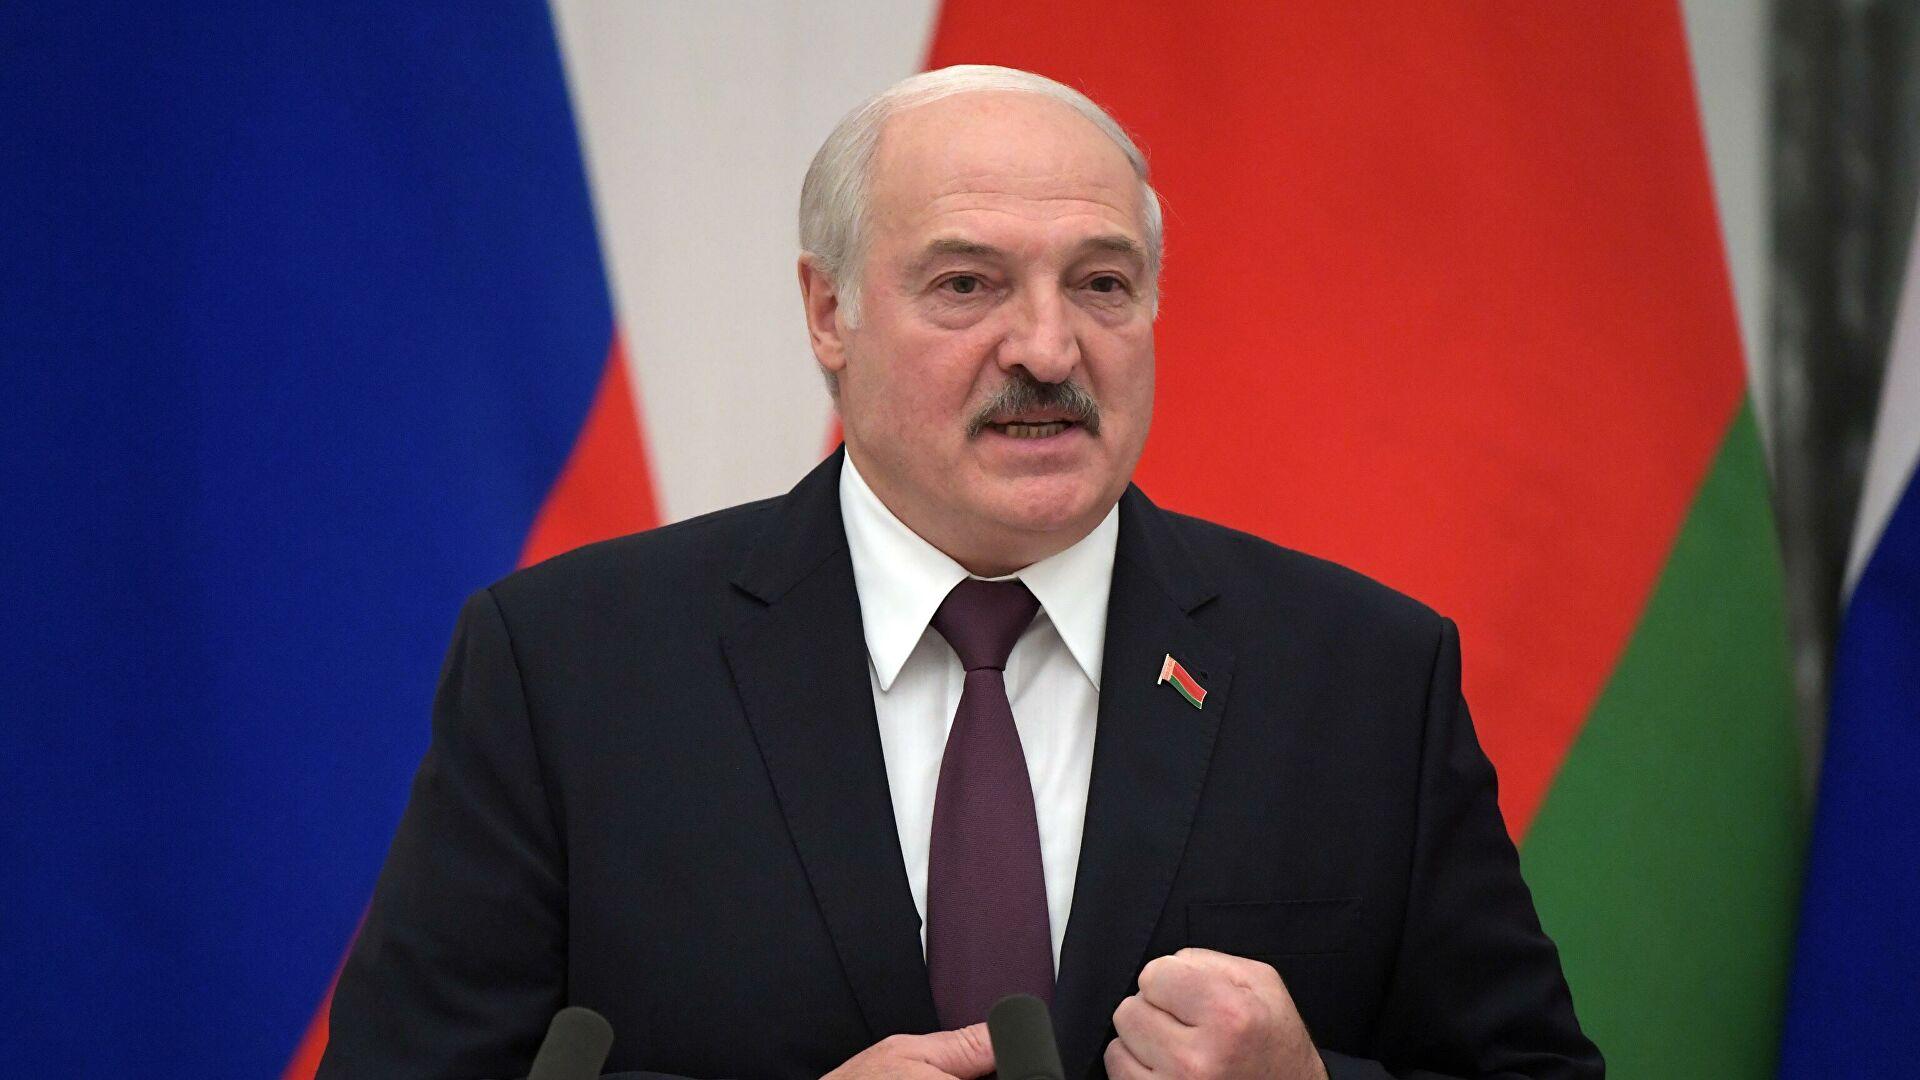 Лукашенко допустил принудительную посадку любого самолета вБелоруссии